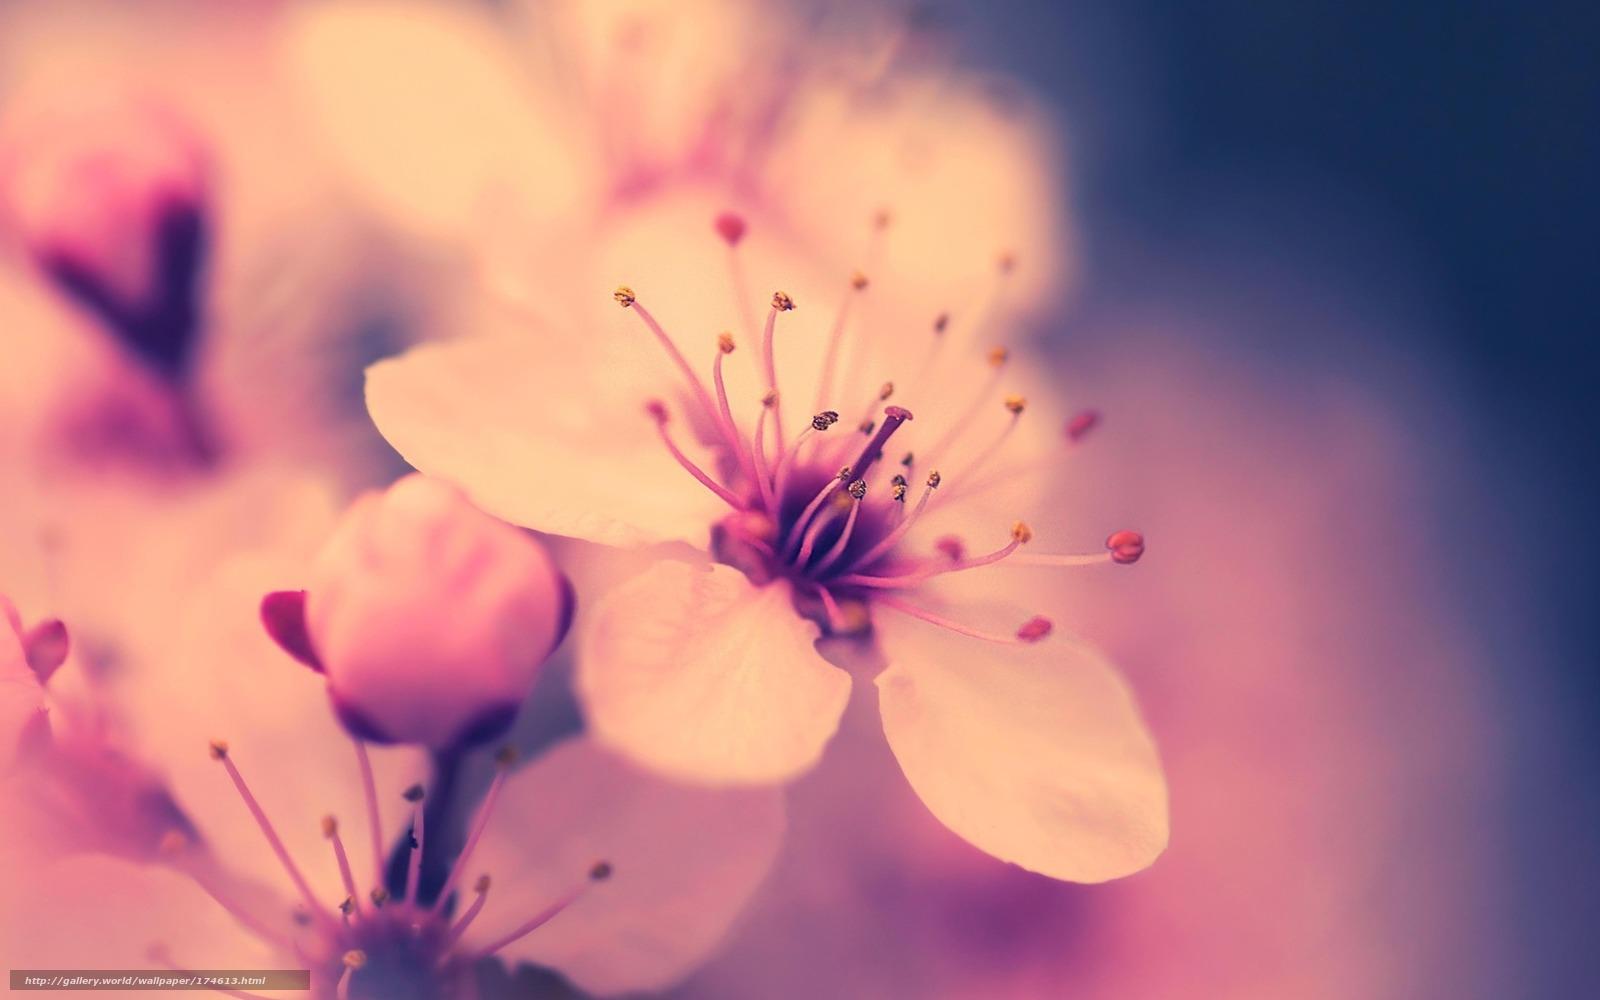 обои макро, цветок, вишня, сакура ...: gdefon.ru/download/makro_cvetok_vishnya_sakura_rozovyj_vesna...